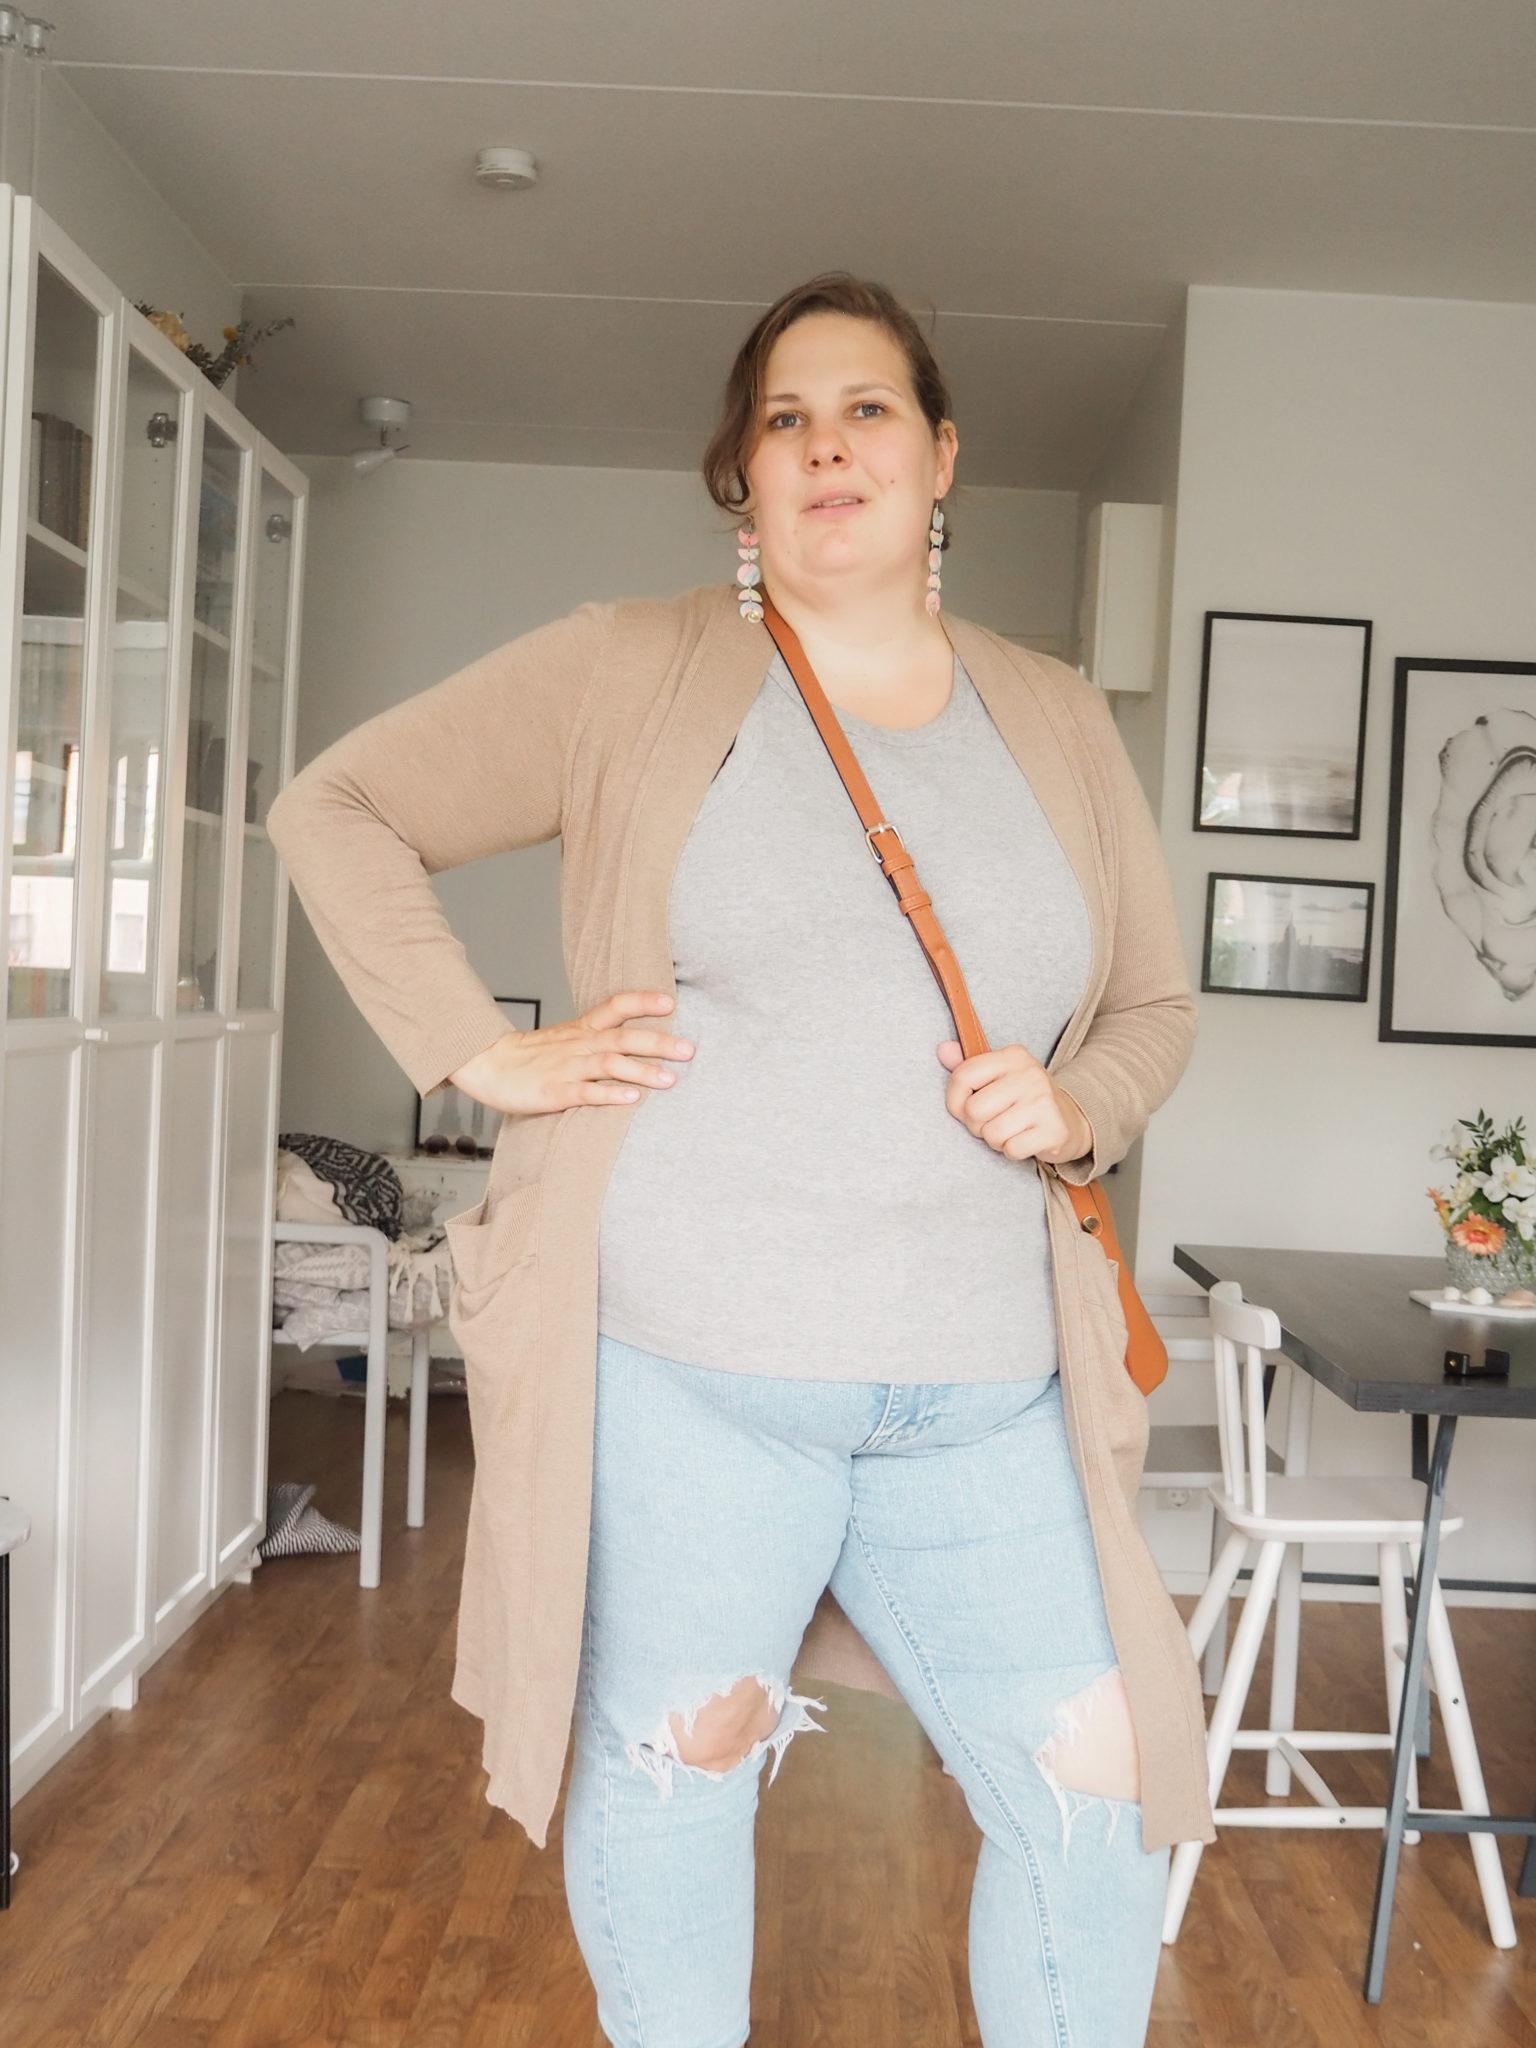 Syksyn täydellisin asu - Pluskokoisten muoti - BMH - Big mamas home by Jenni